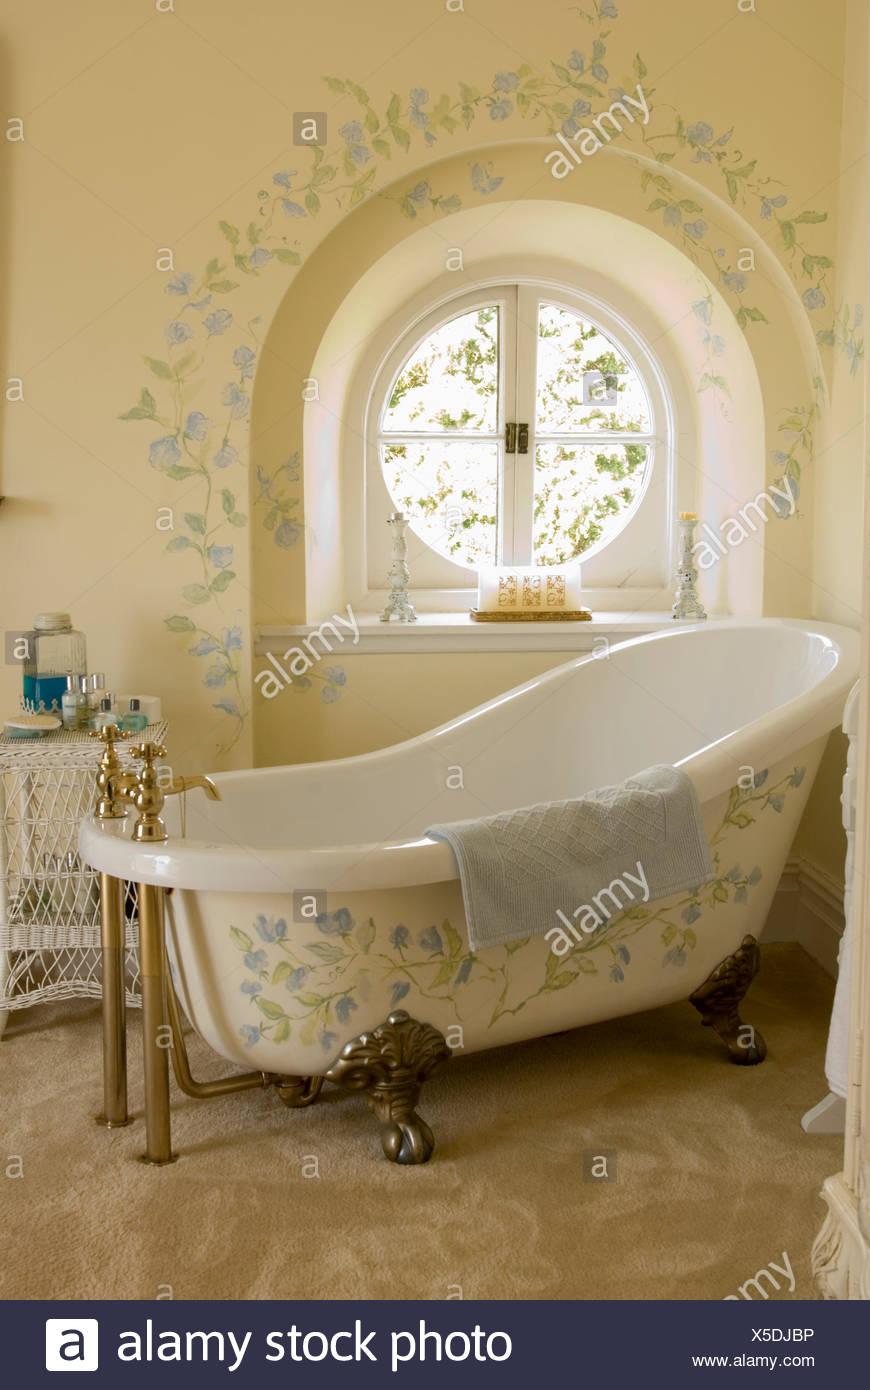 Genial Creme Bad Mit Floraler Bemalung Auf Rolltop Bad Vor Kreisrundes Fenster Mit  Passenden Dekoration An Wand